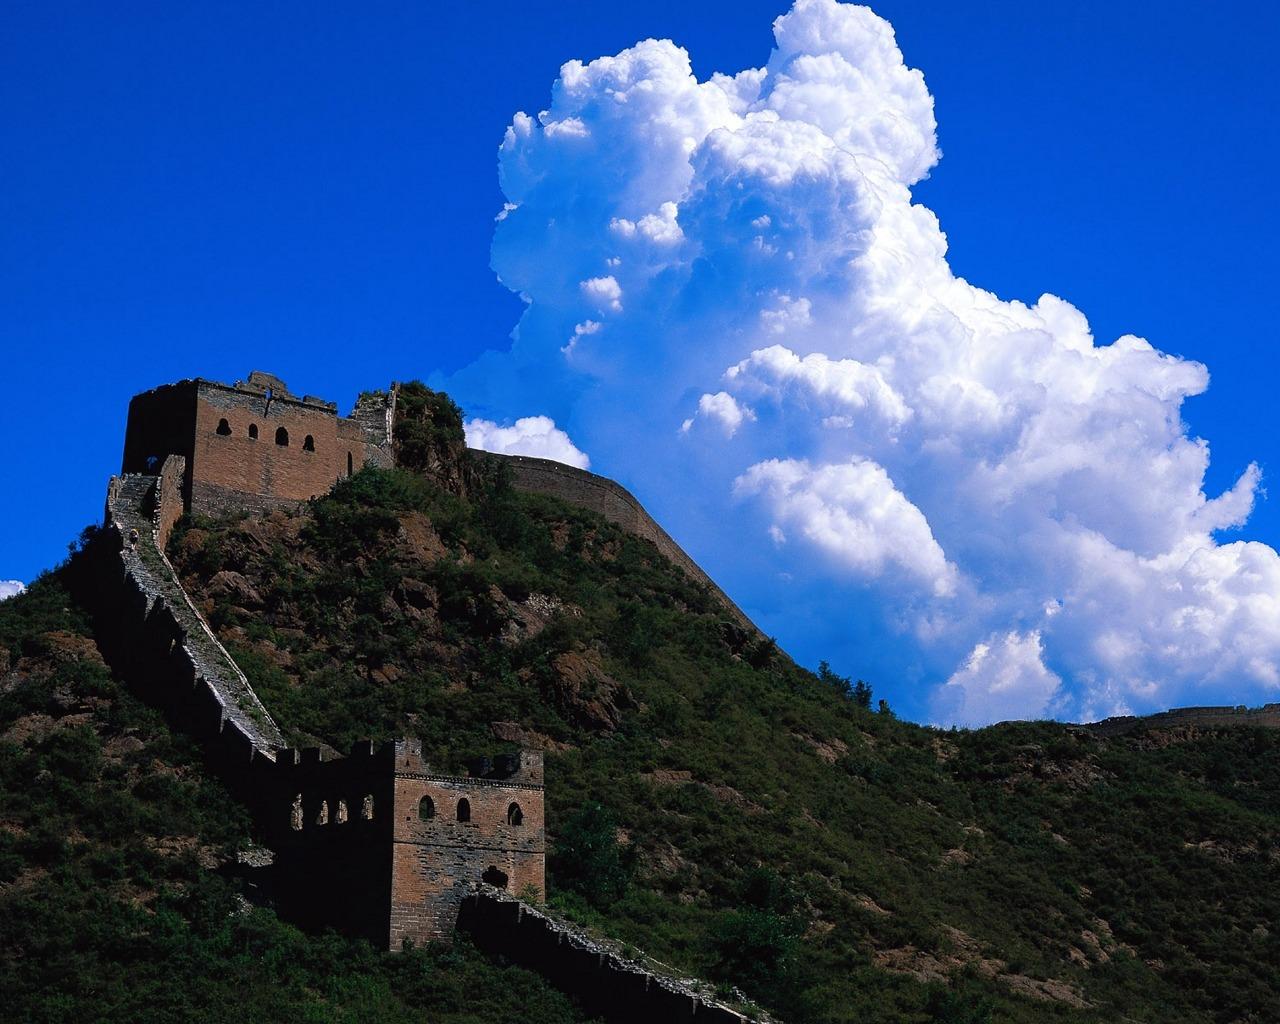 http://3.bp.blogspot.com/-xMeuPgq4zMw/UGlwgeFjKaI/AAAAAAAACBw/zqOdKeqErk0/s1600/wallpapers-backgrounds-hd-pictures-photos-great-wall-china+9.jpg